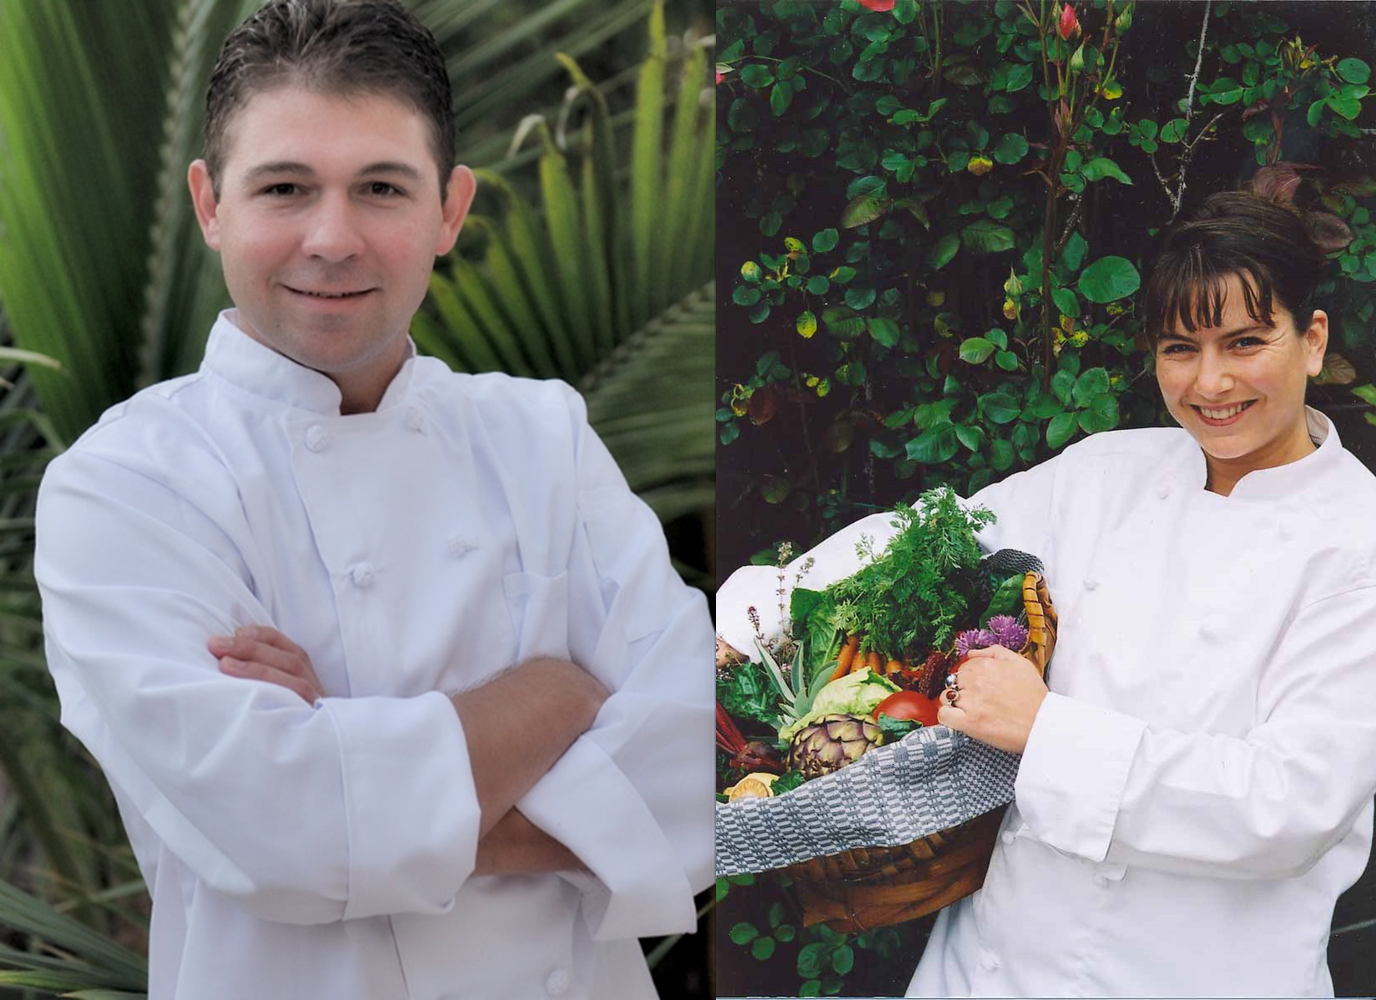 Private Chef Houston